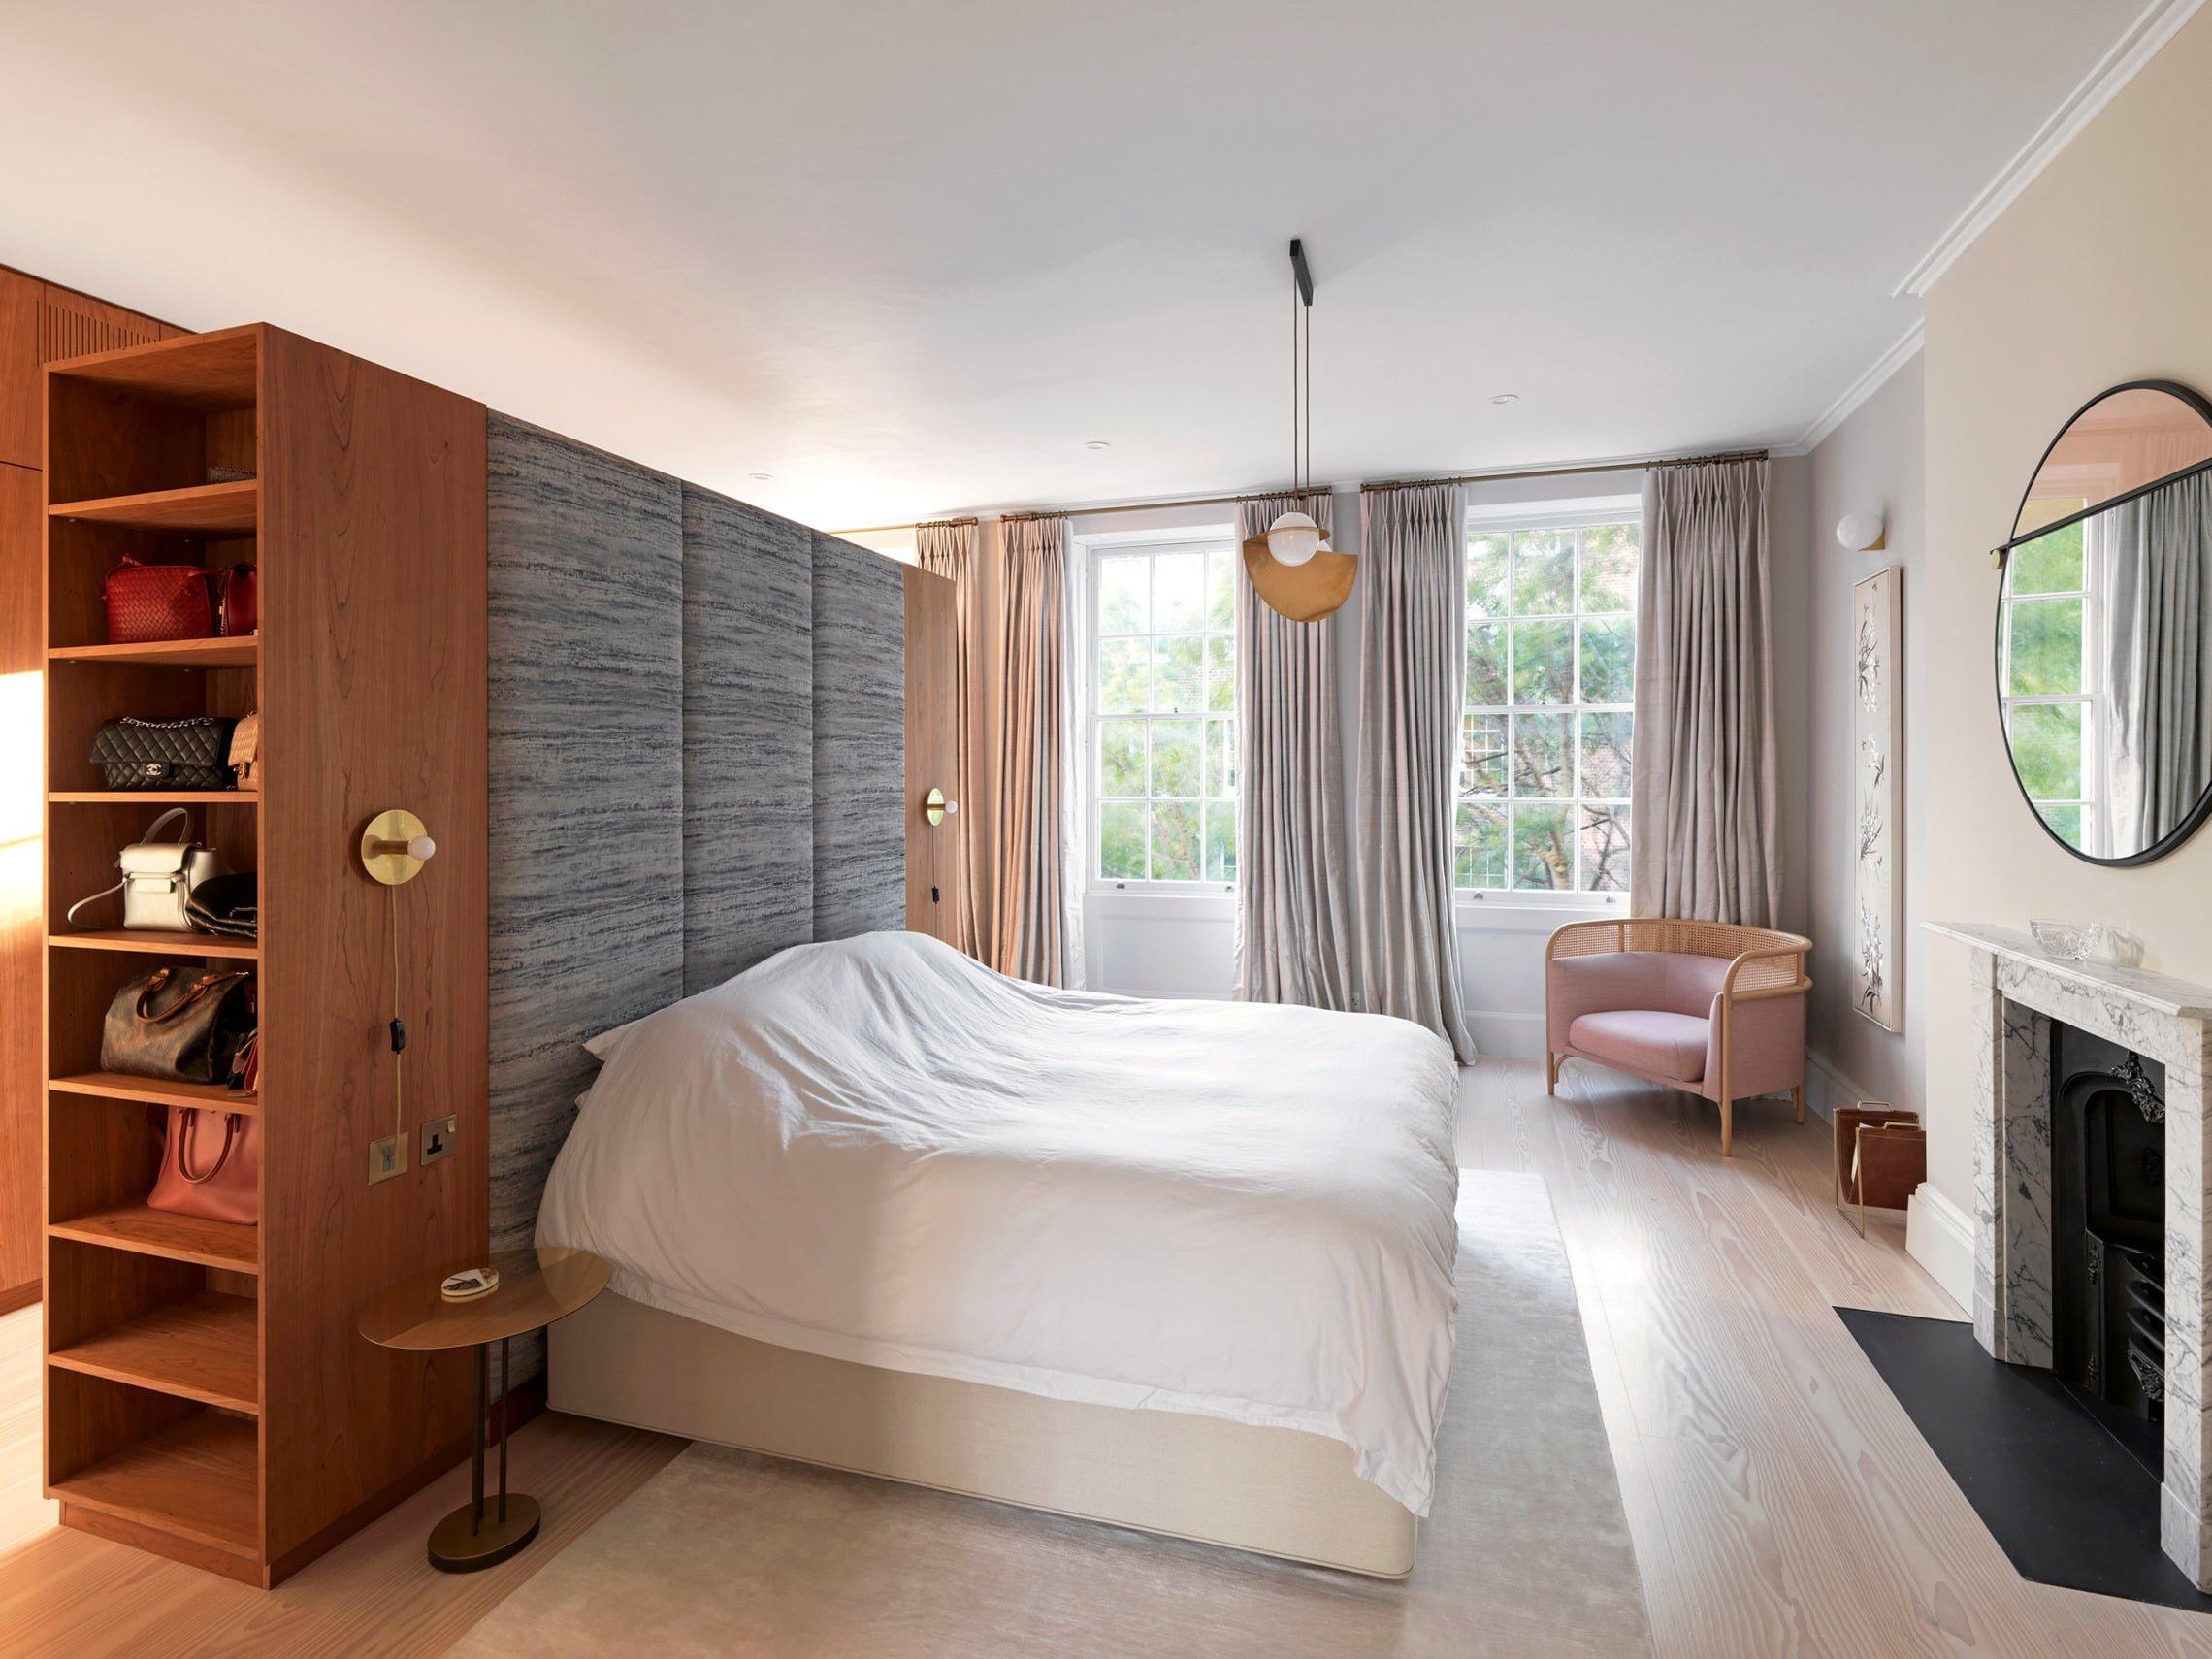 Double Linen Douglas Fir engineered flooring in bedroom